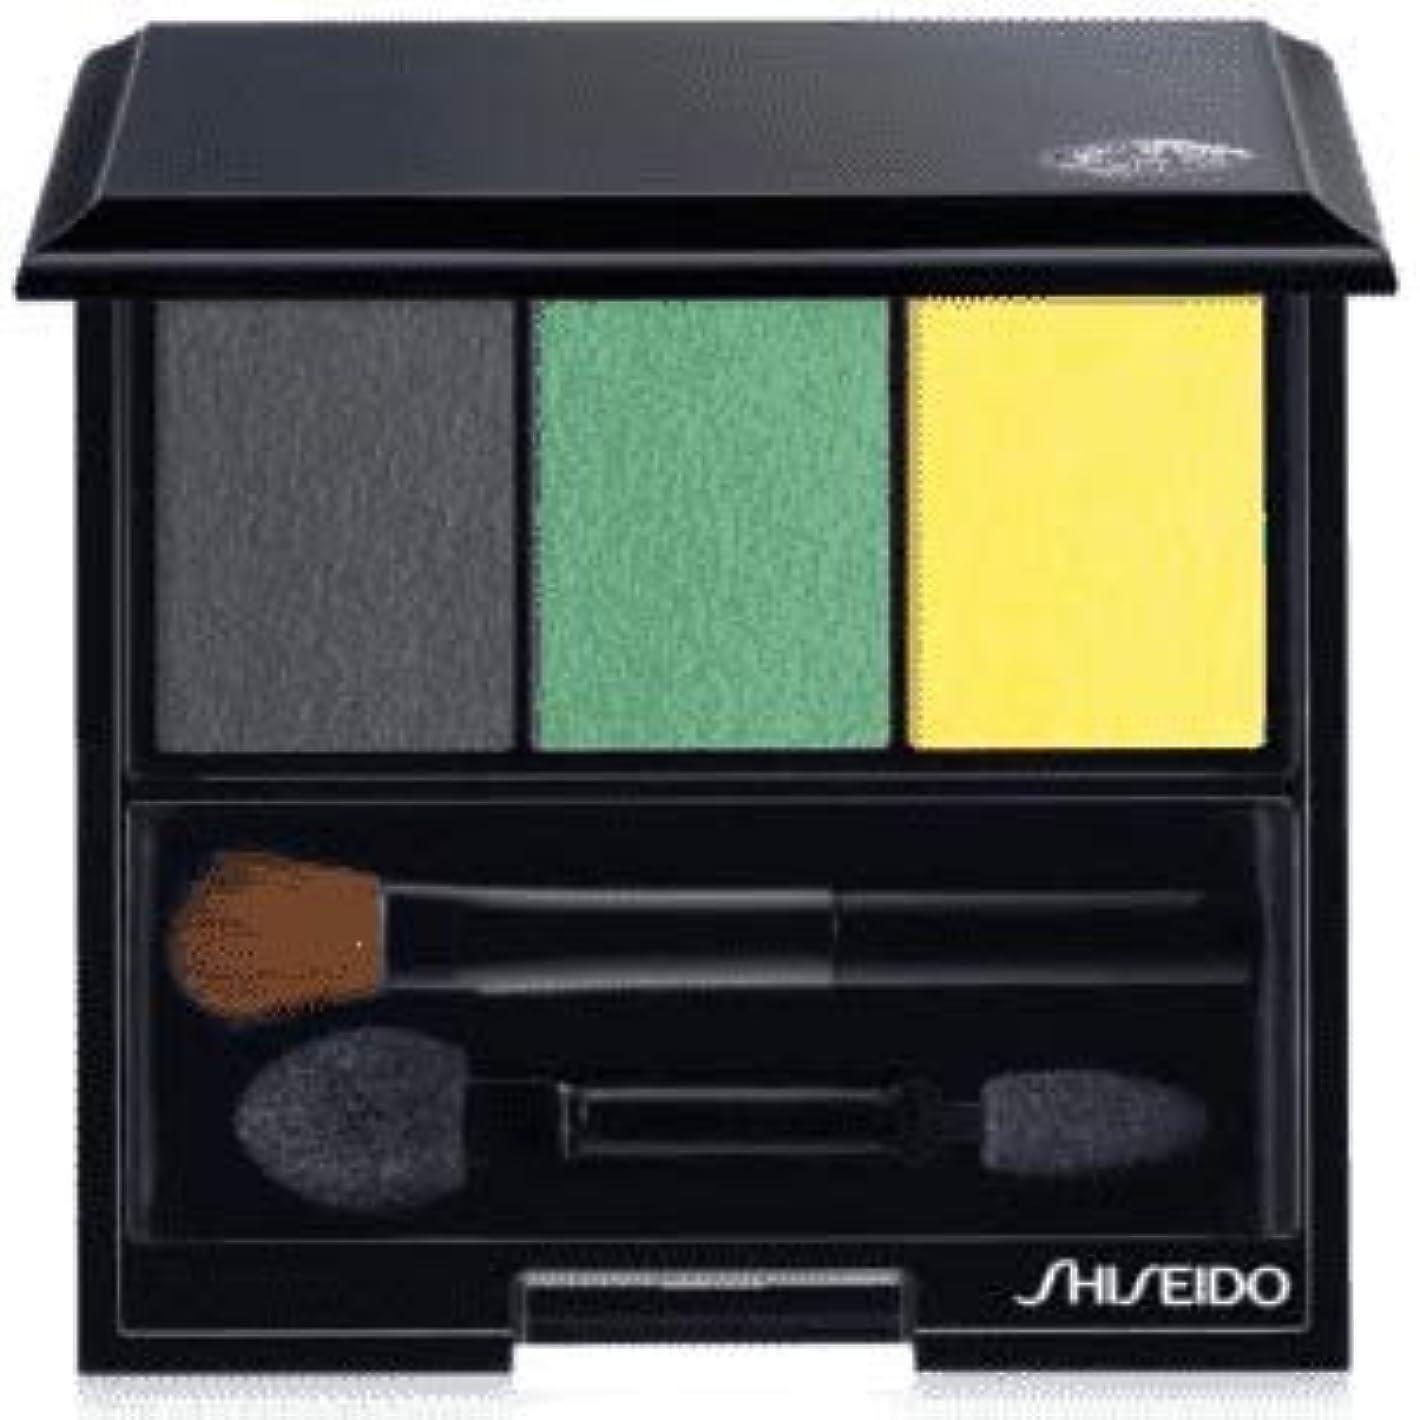 追う方向なぜ資生堂 ルミナイジング サテン アイカラー トリオ GR716(Shiseido Luminizing Satin Eye Color Trio GR716) [並行輸入品]